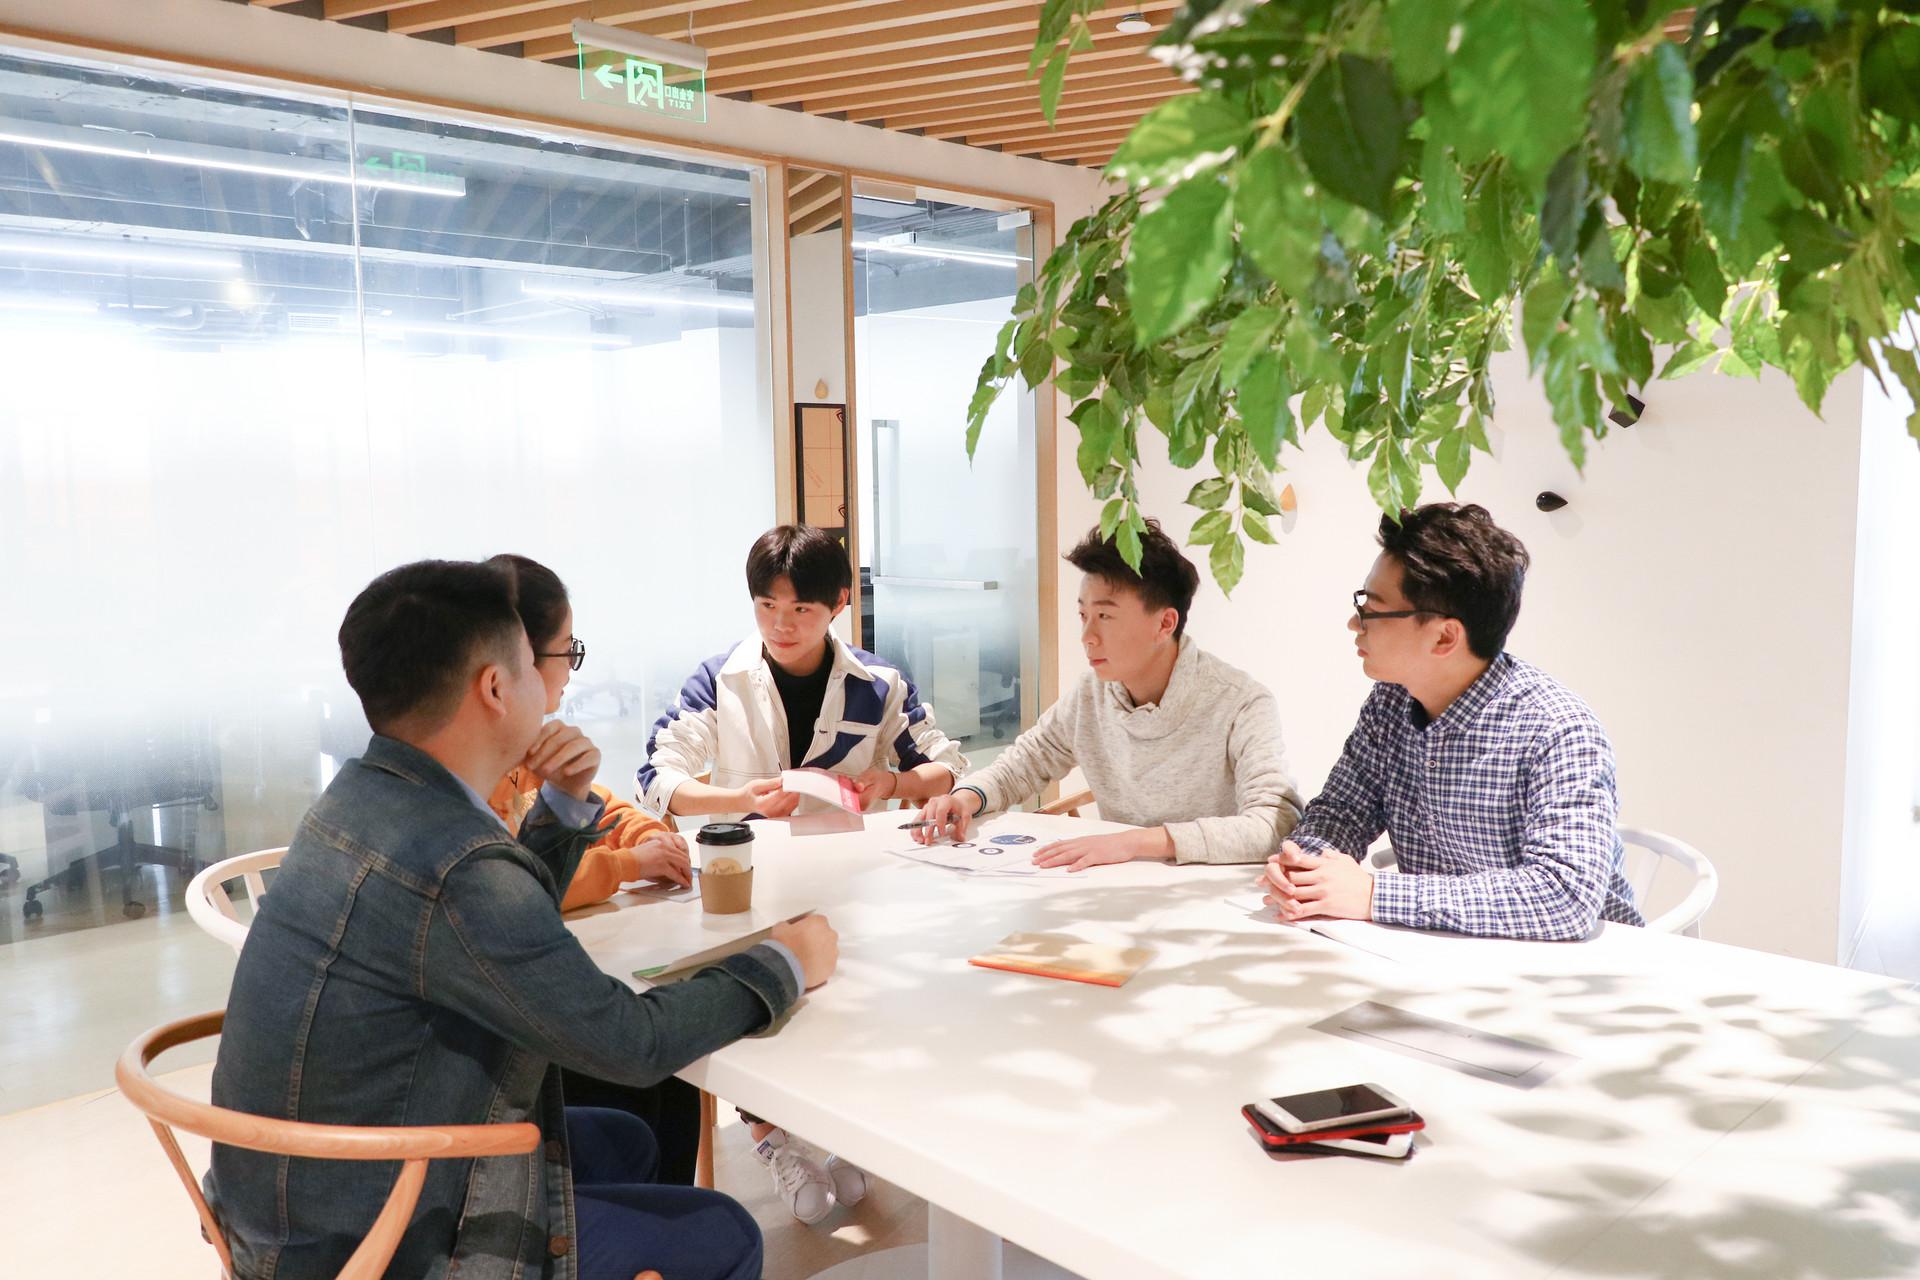 重庆社保代缴怎么进行收费? 每个人需要多少钱?